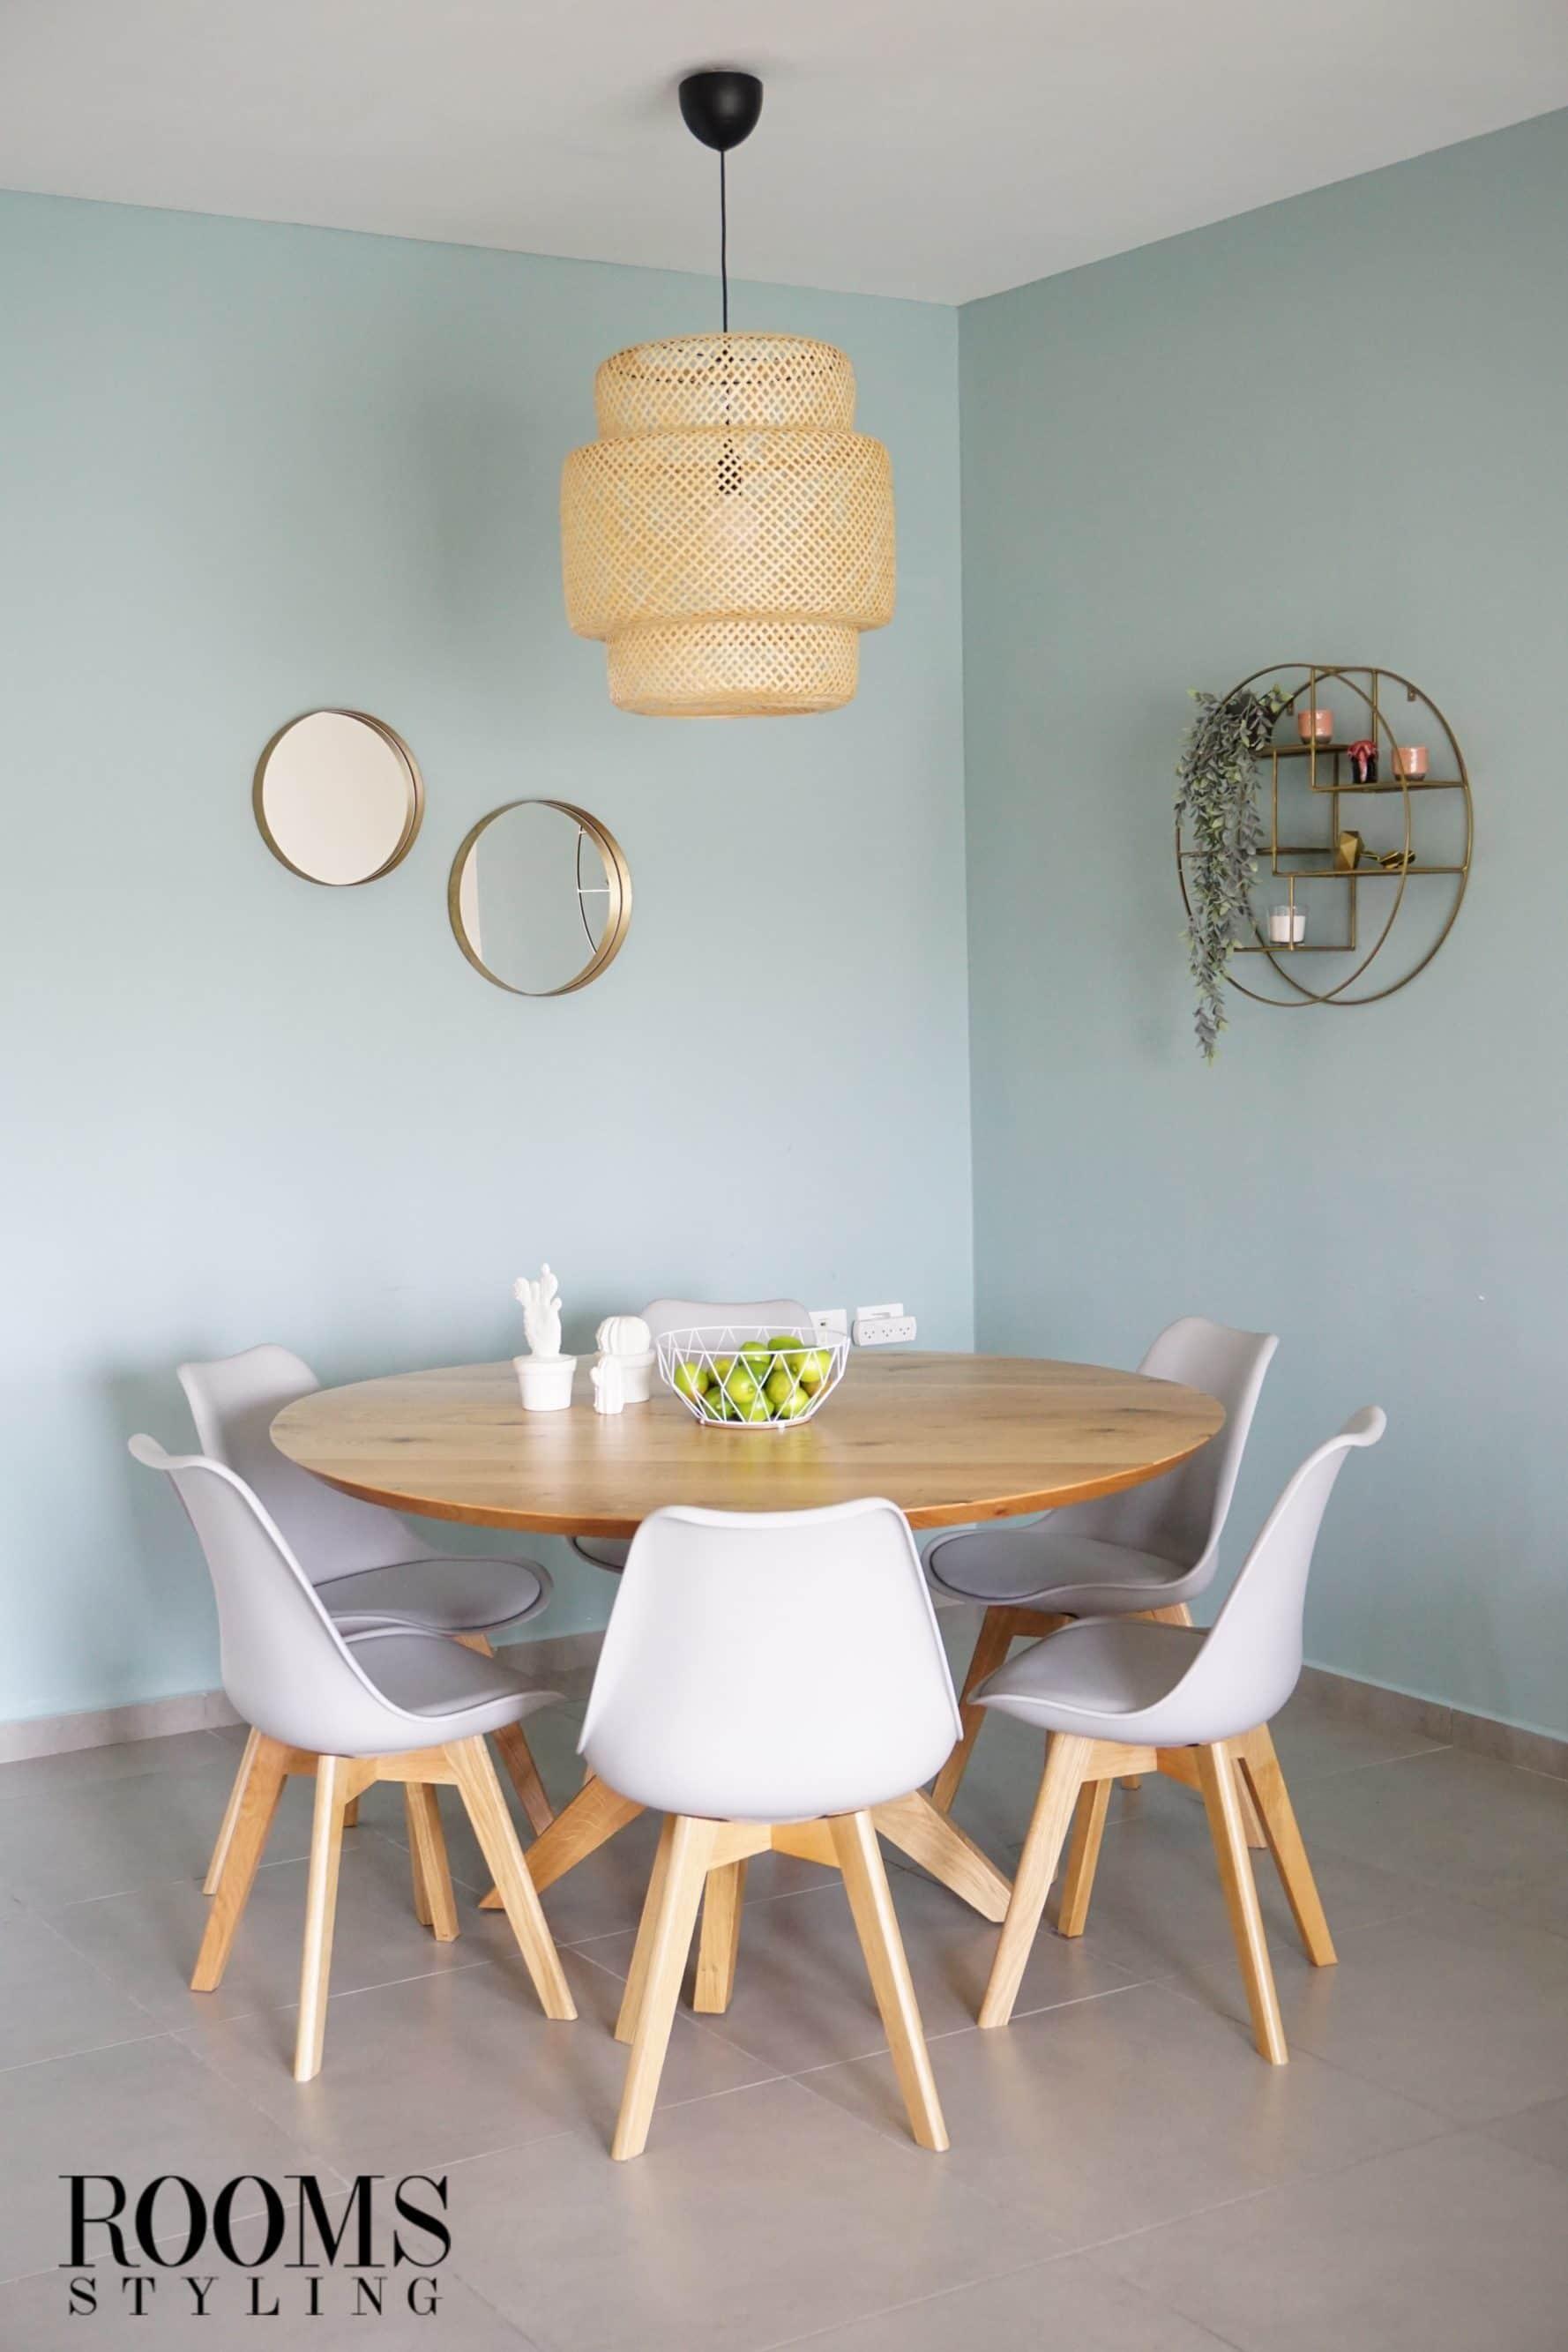 עיצוב פינת אוכל עם שולחן עגול וכיסאות לבנים